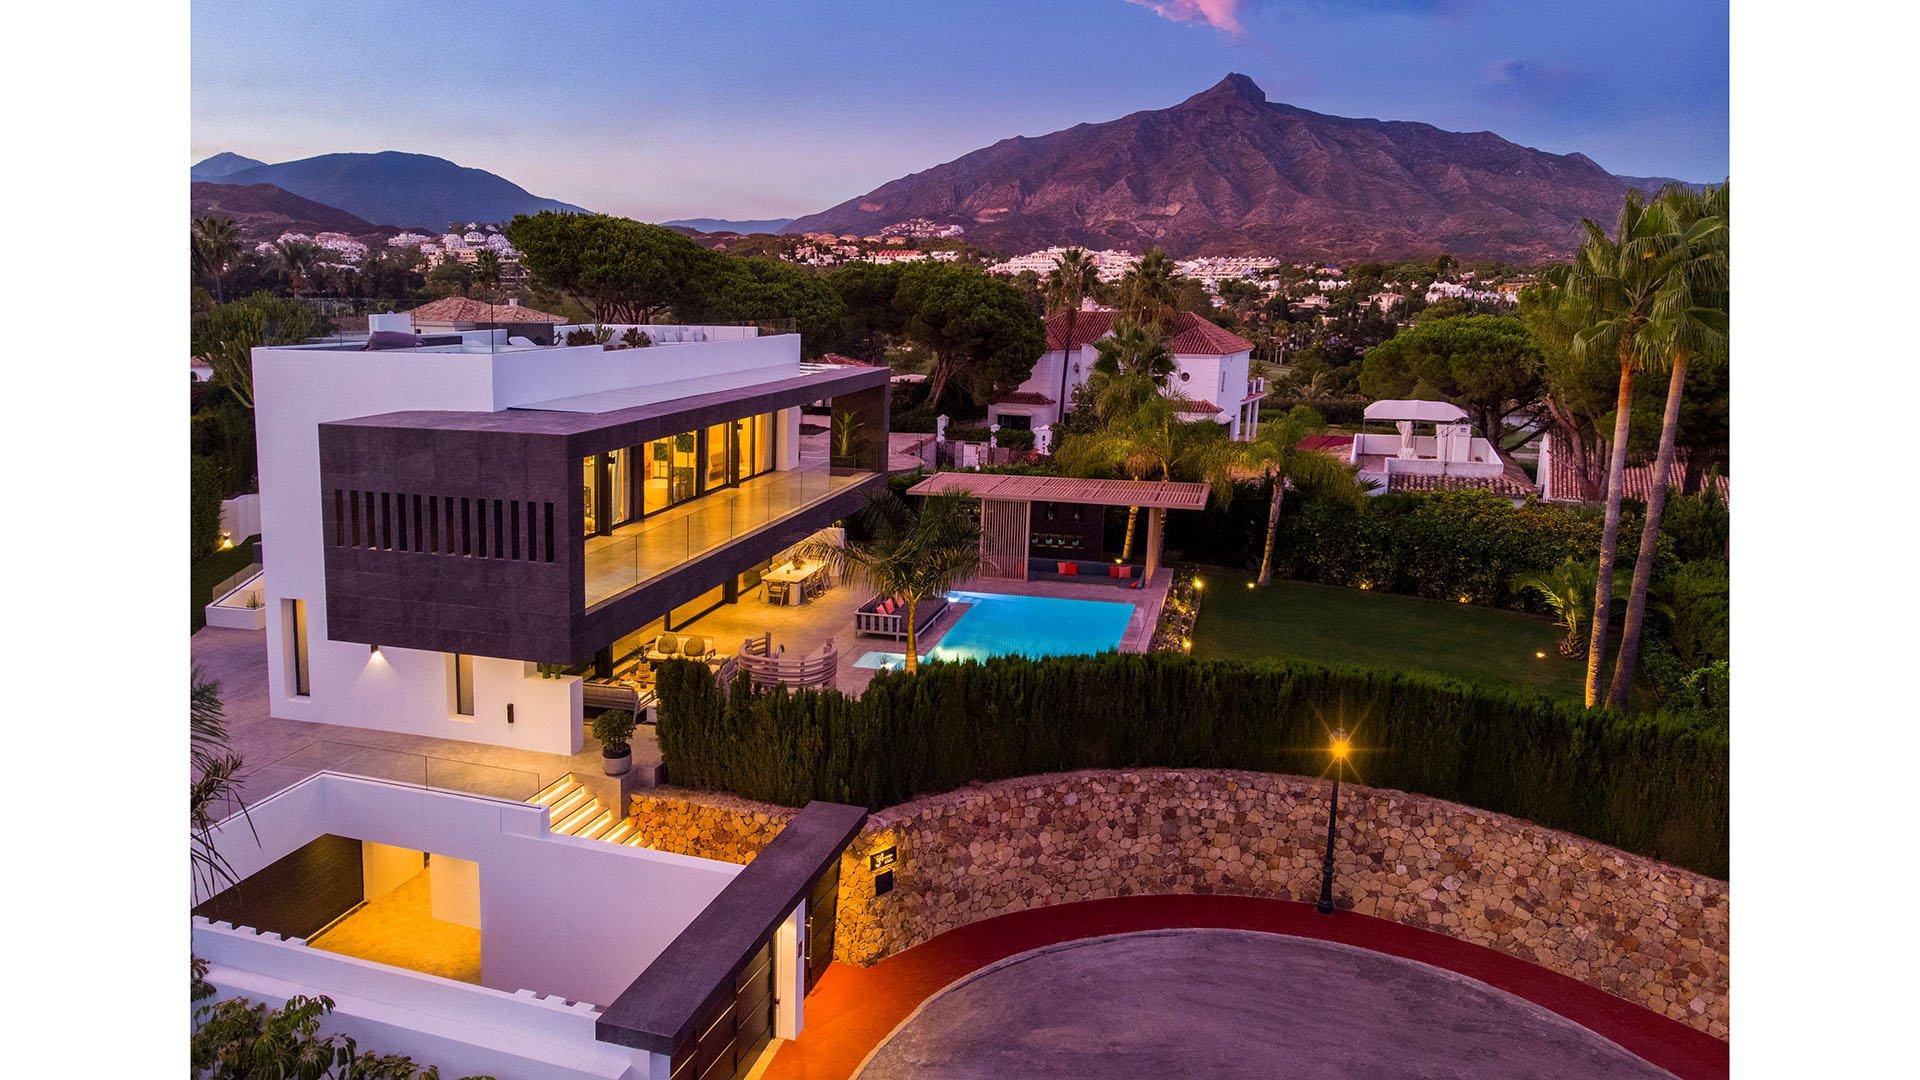 Villa Marina 34: Modern villa in the heart of Nueva Andalucía, Marbella